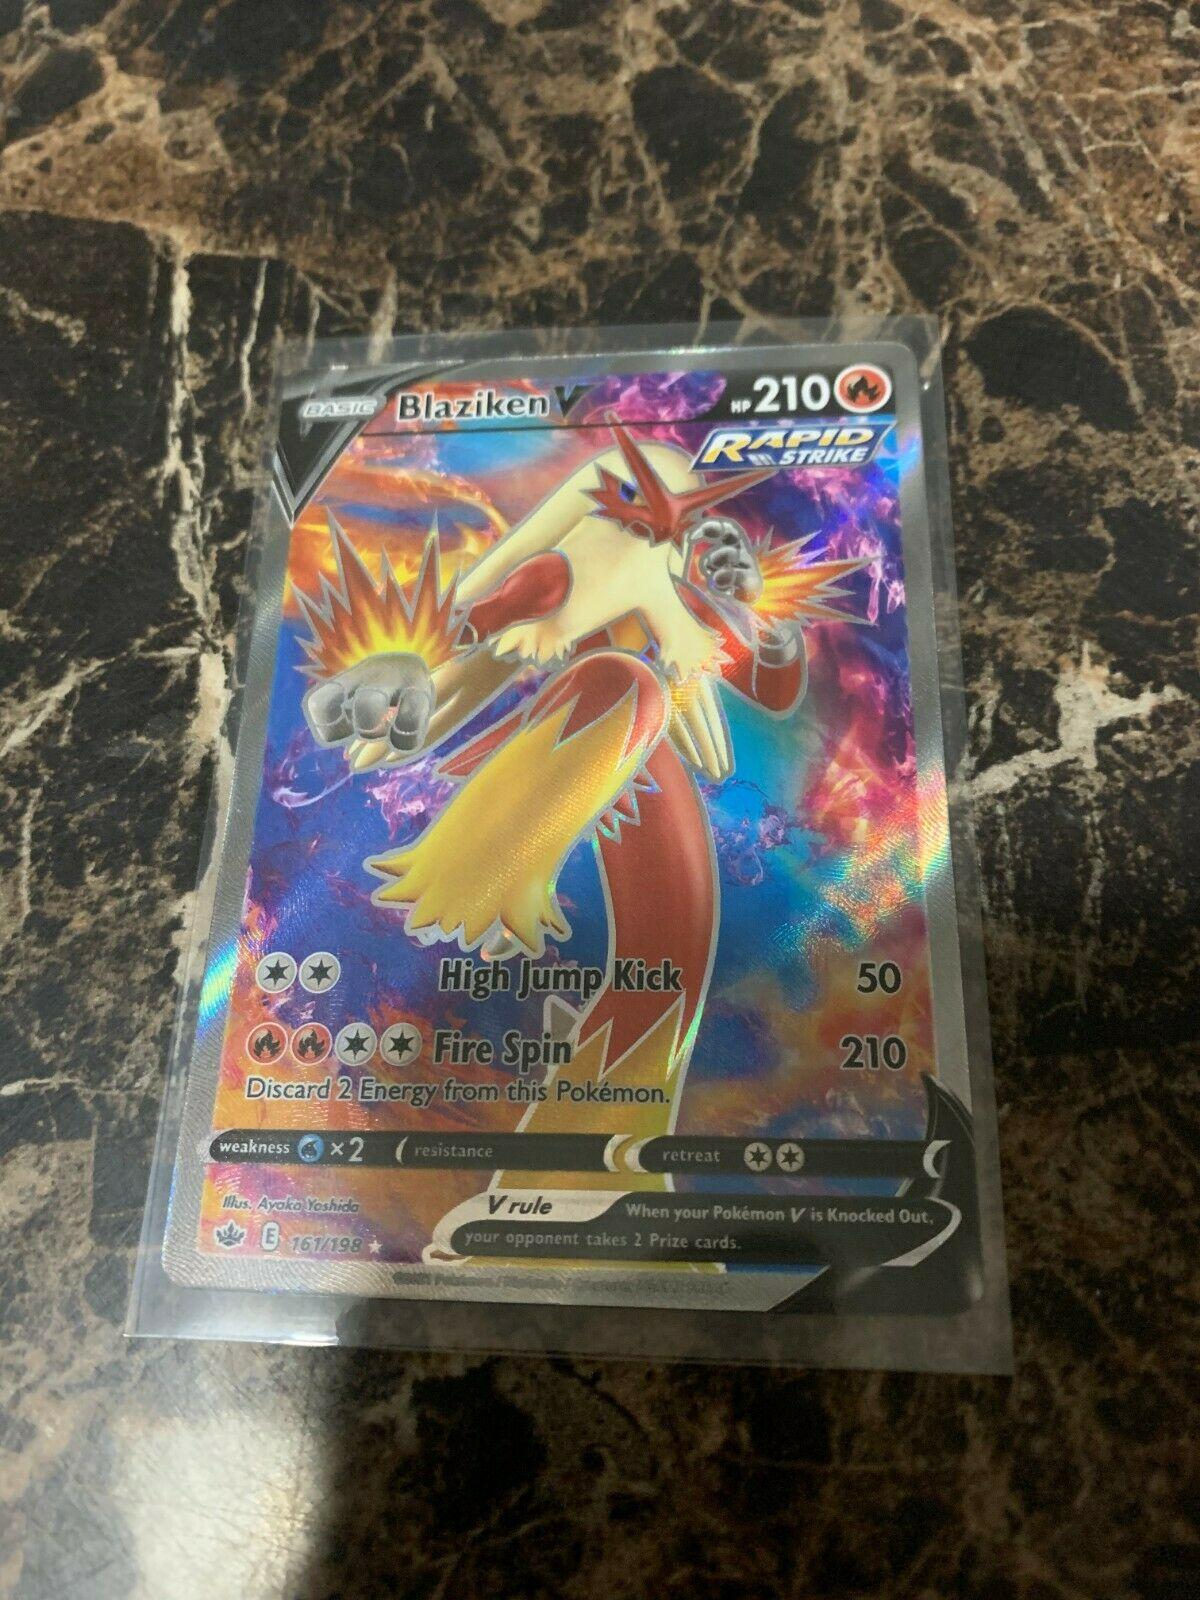 Blaziken V 161/198 Pokémon TCG Chilling Reign Full Art Ultra Rare Mint